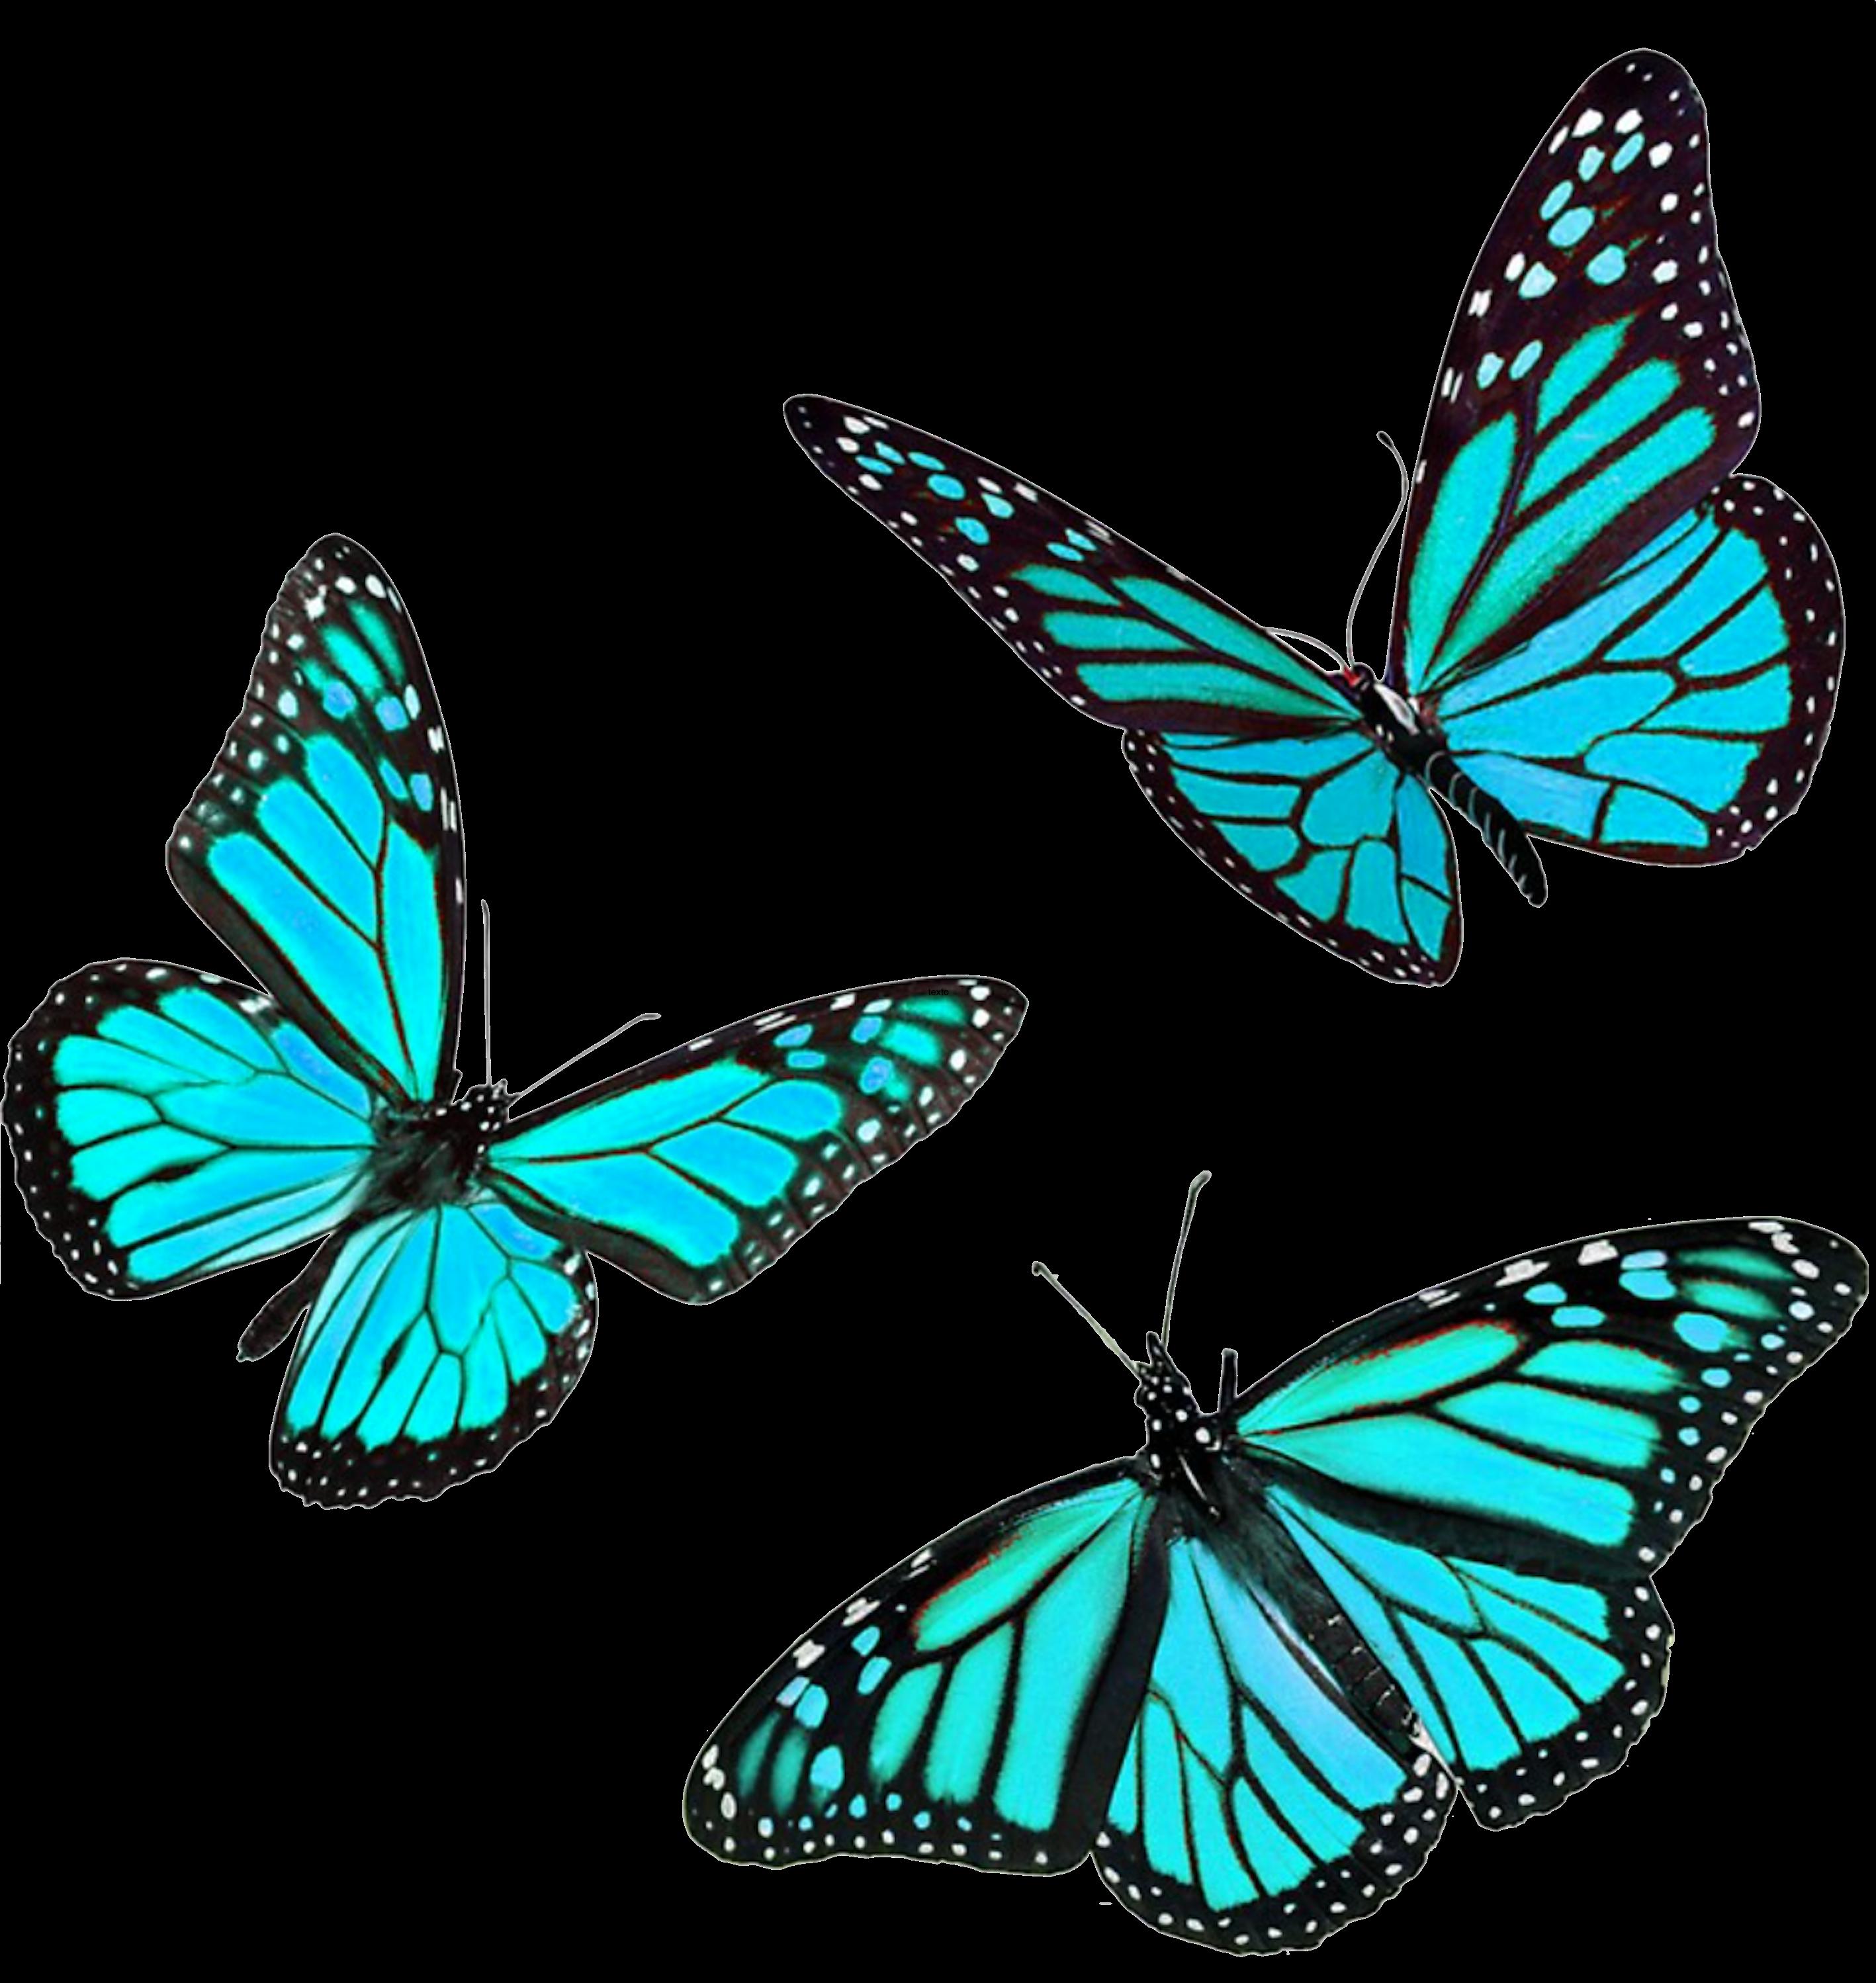 Pegatina Blue Butterflies De Carlasaizz Butterfly Art Butterfly Drawing Blue Butterfly